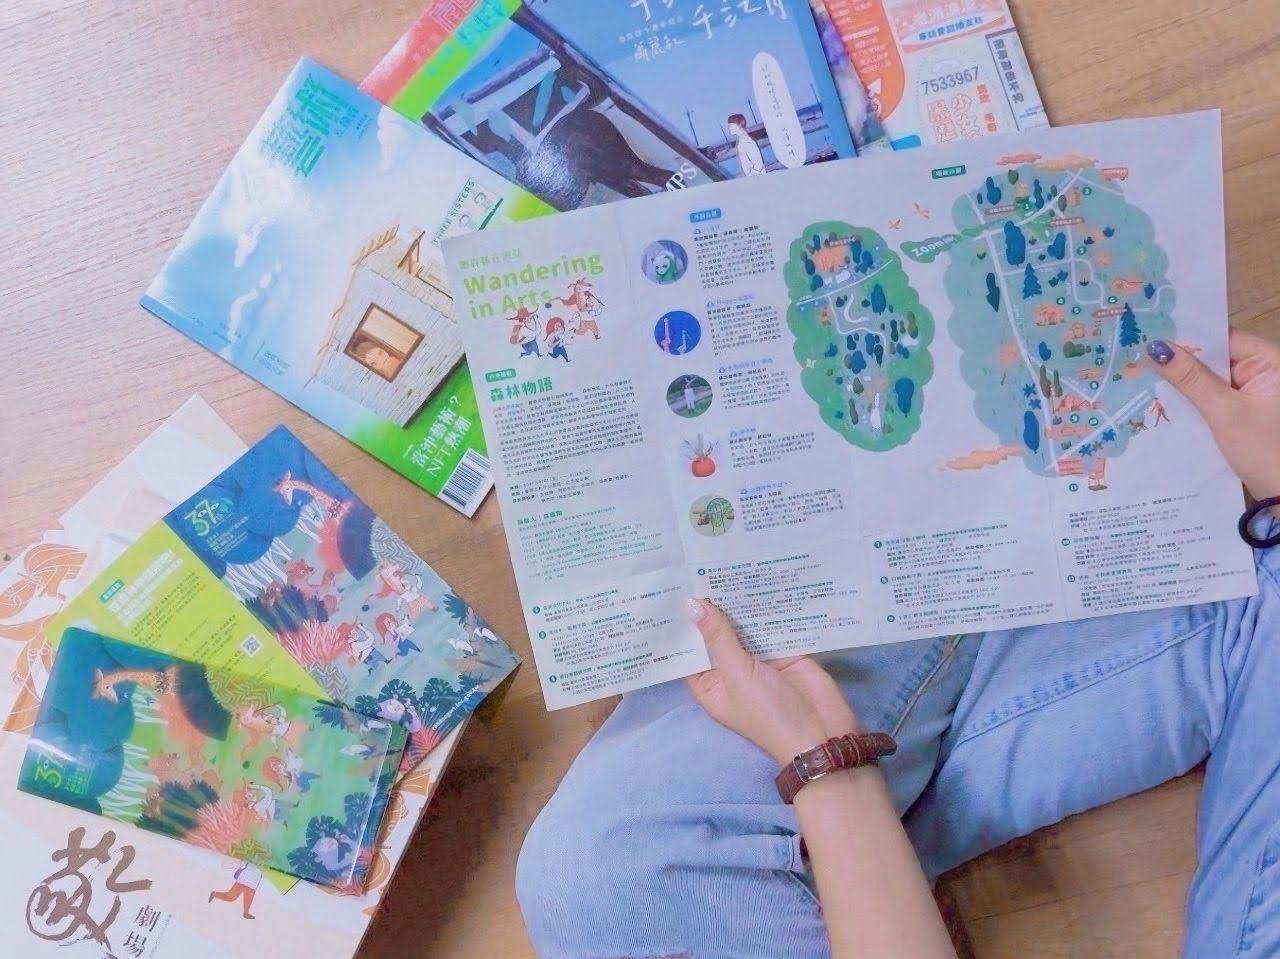 仁東藝之森 聽森林在說話 森林物語×森之市×綠色奇蹟尋偶趣 台南文化中心37週年館慶 活動